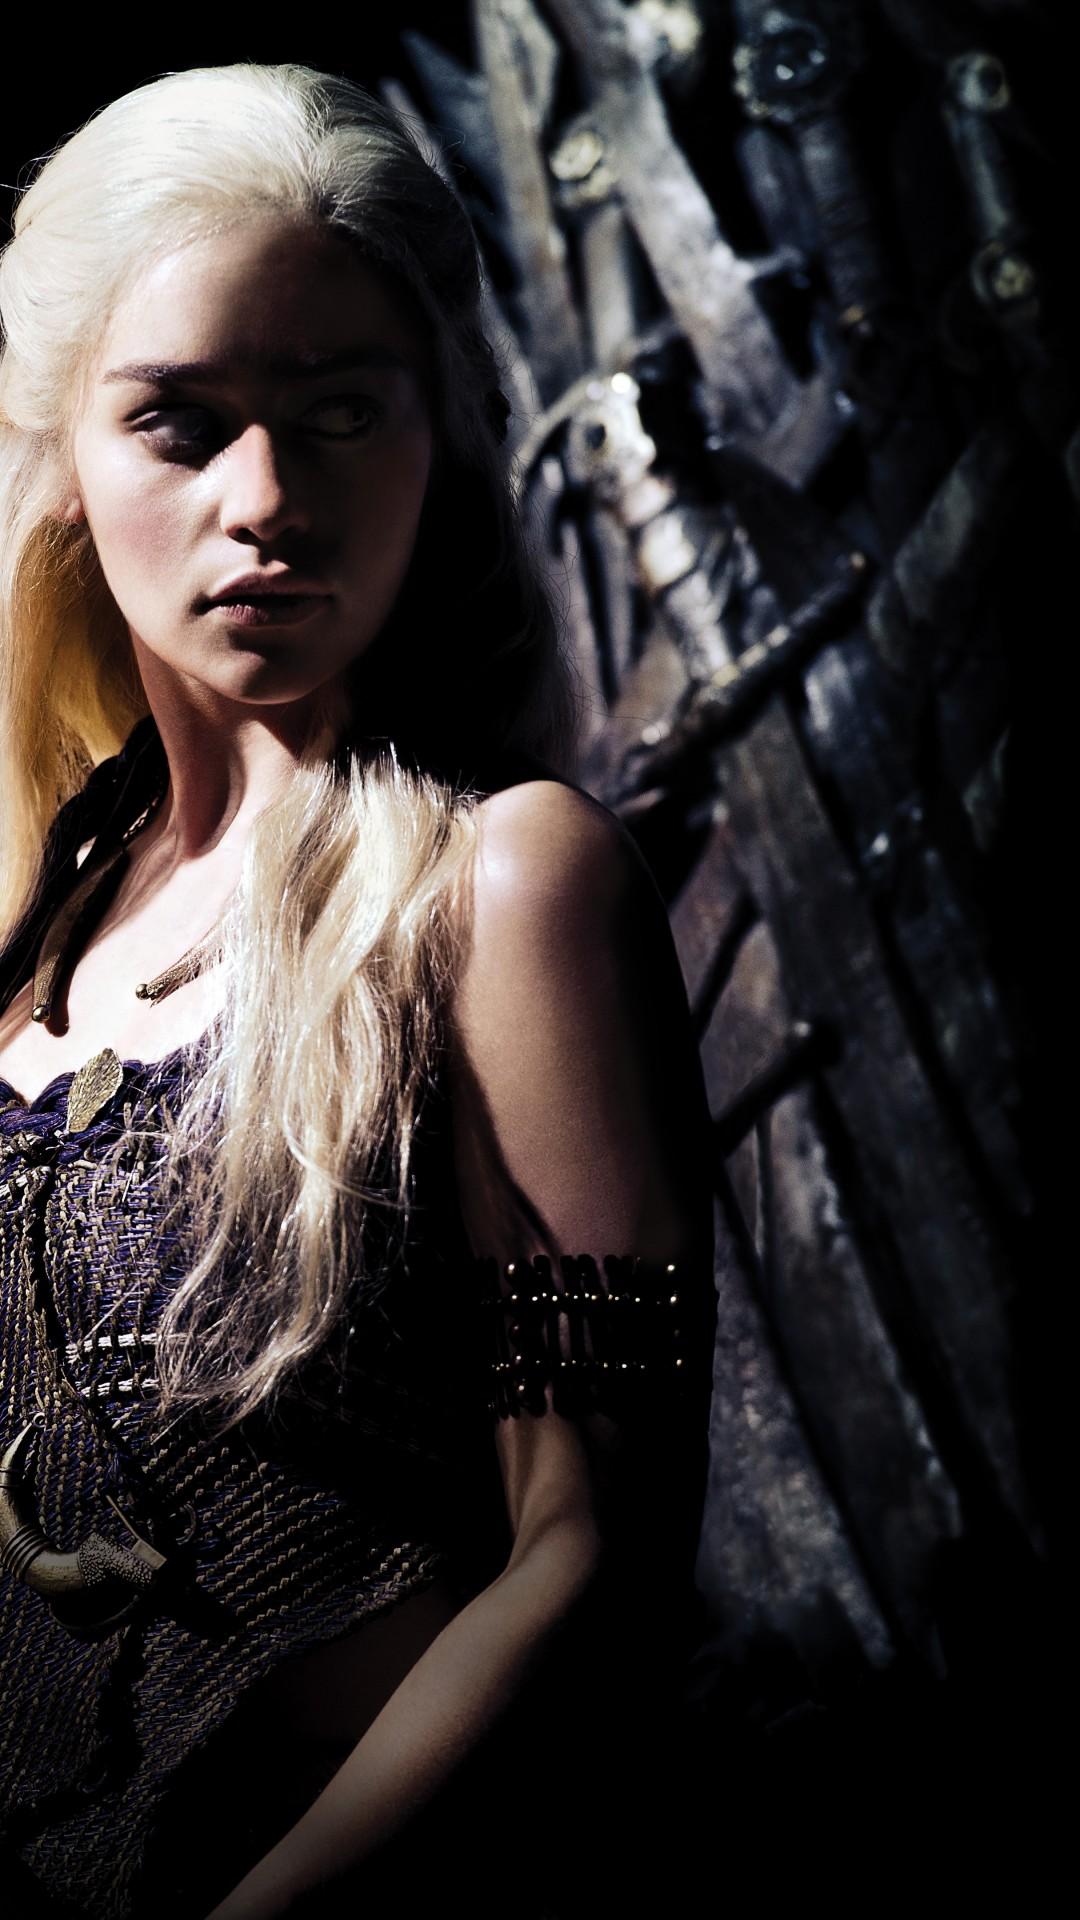 Wallpaper Game of Thrones, Daenerys Targaryen, Emilia ...